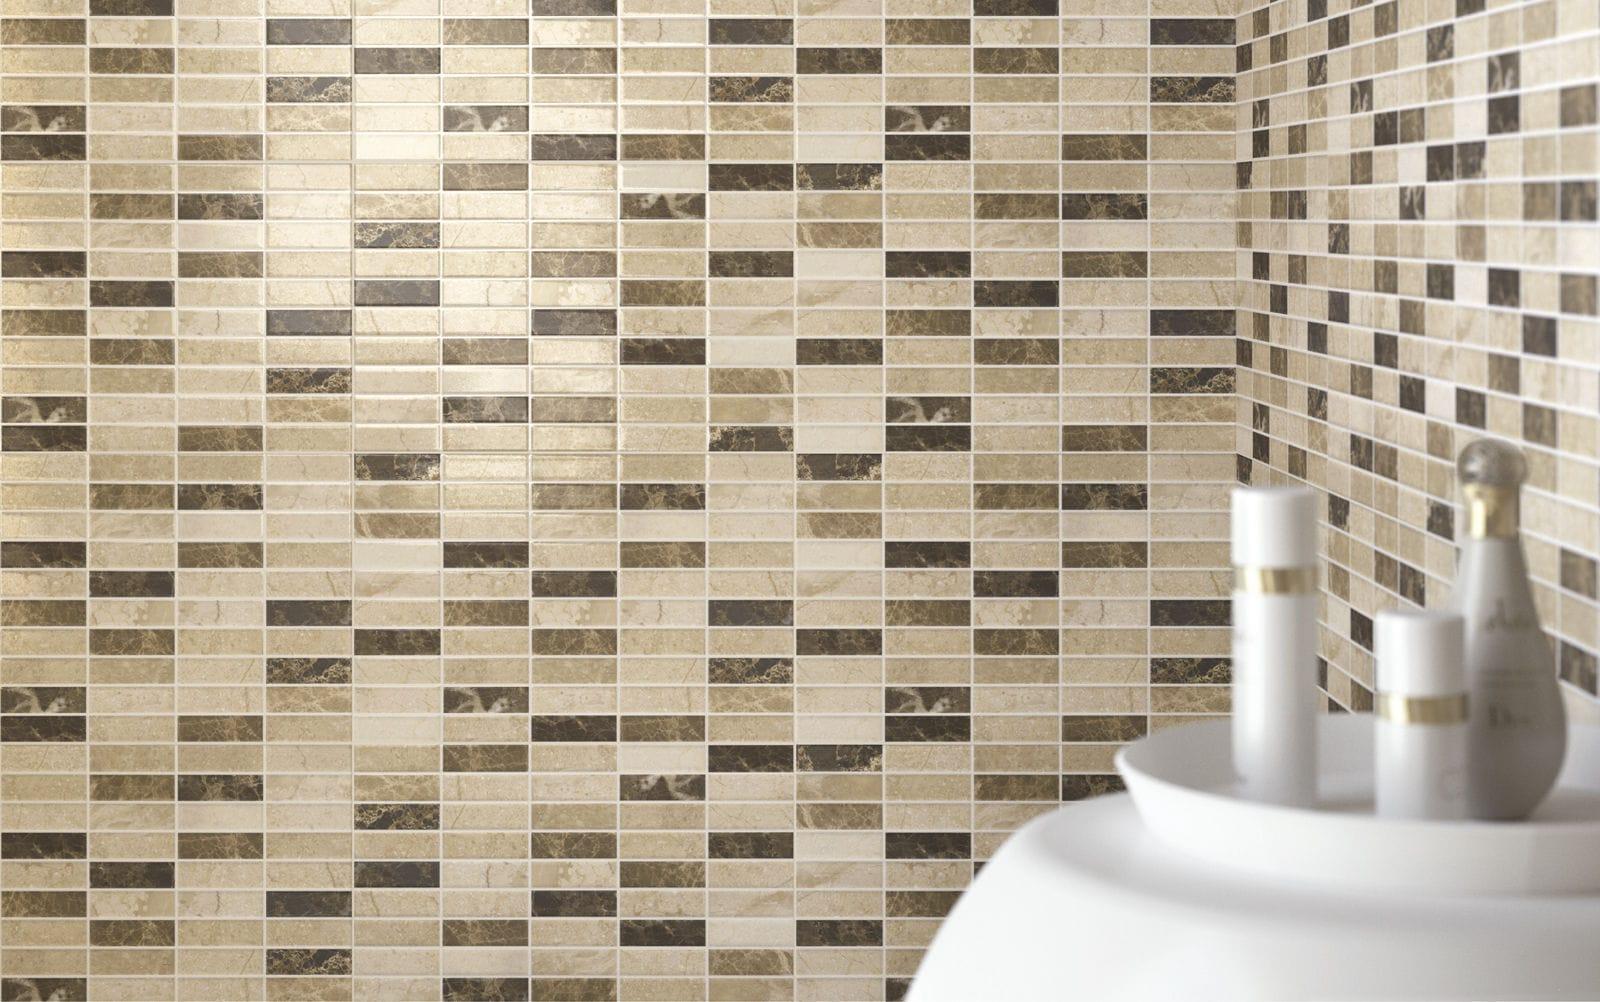 mosaico da bagno da cucina da parete in ceramica game ragno